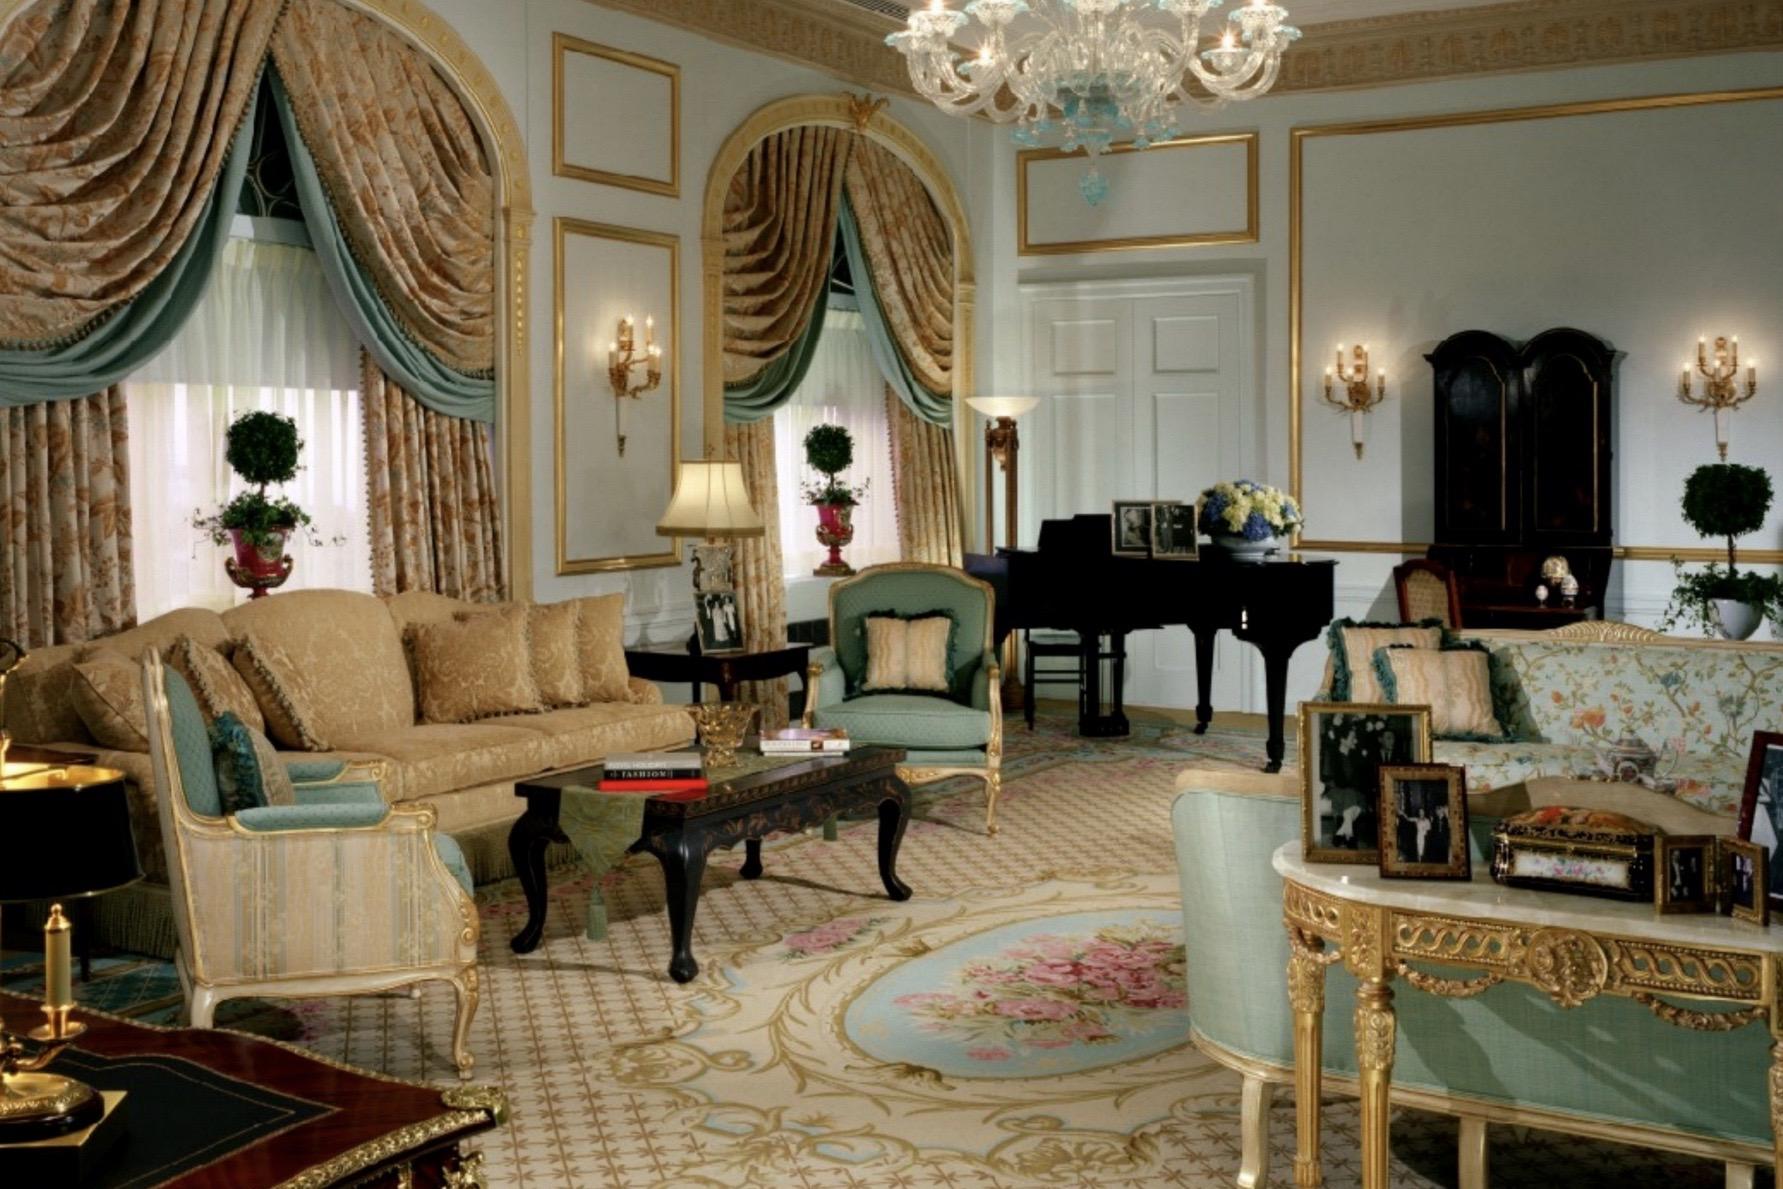 纽约华尔道夫酒店拍卖上万件精美家具饰品,所得将支持纽约圣巴塞洛缪教堂的保护工作